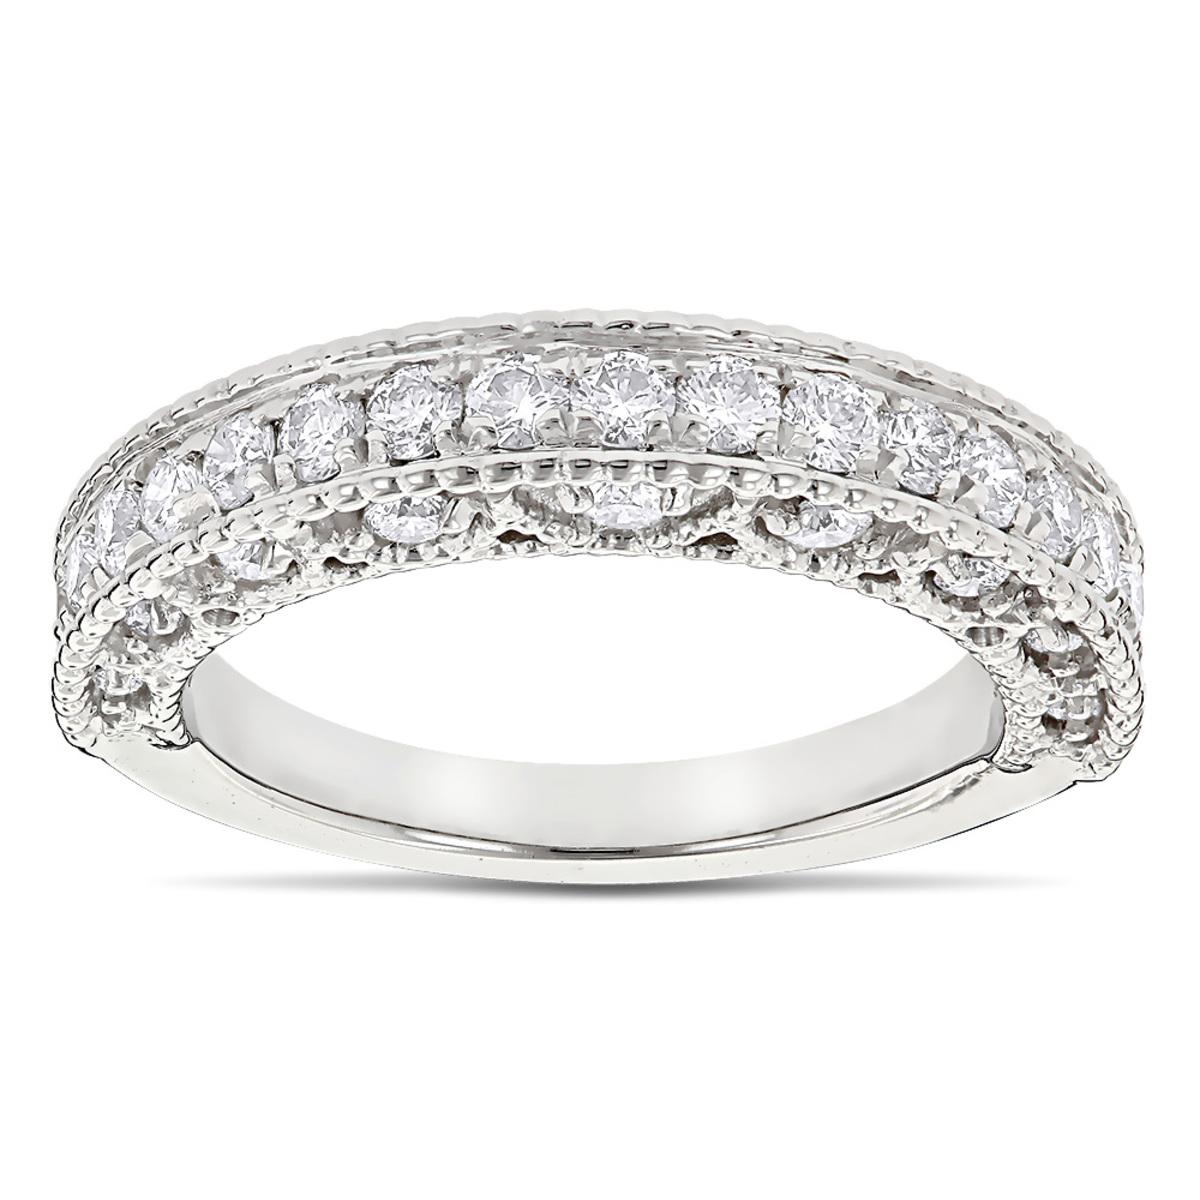 Milgrain & Filigree Designer Diamond Wedding Band for Her 1 Carat 14K Gold